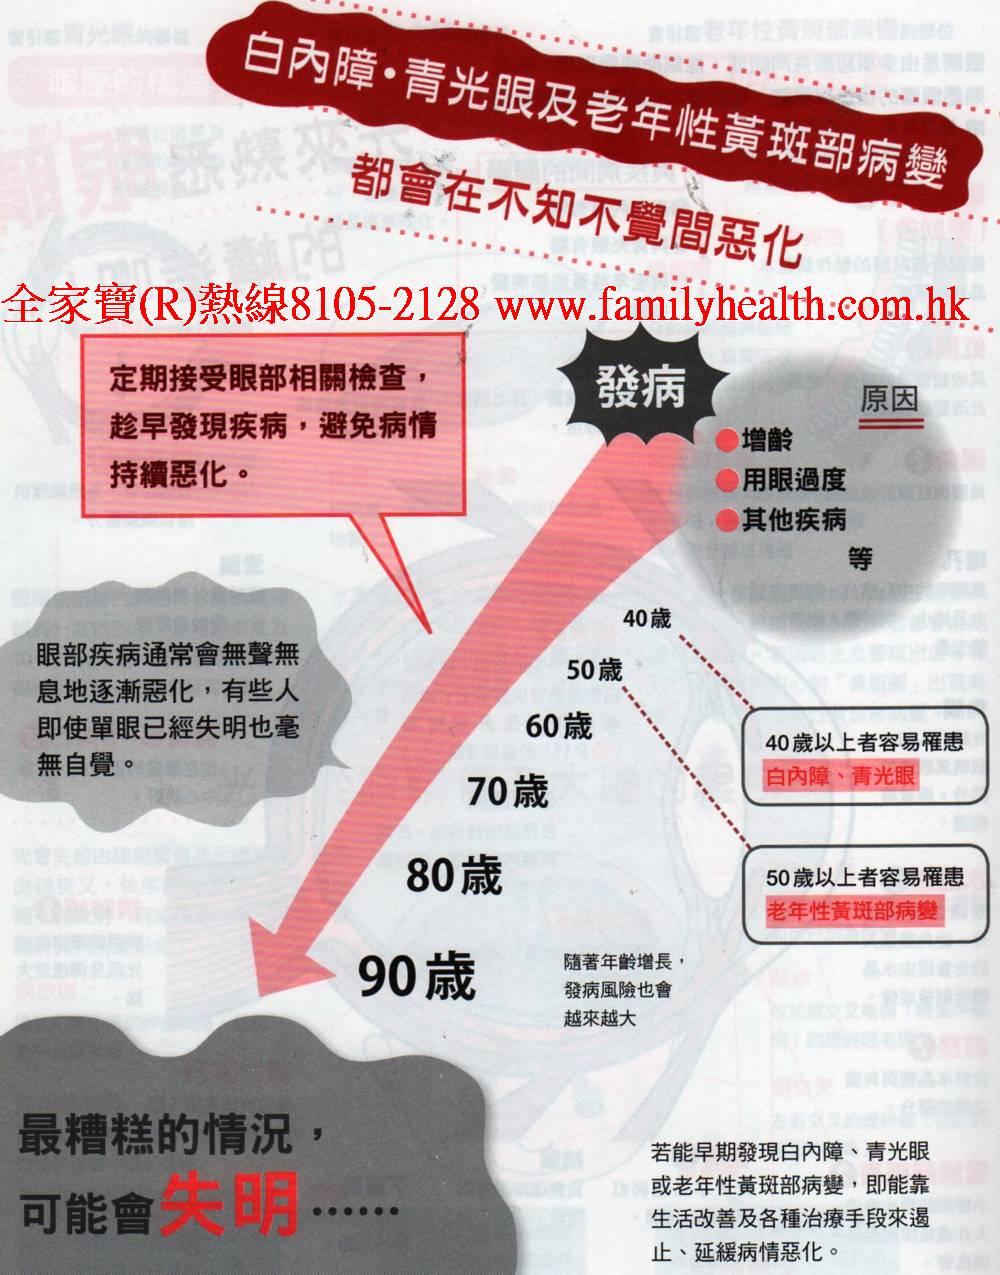 http://www.familyhealth.com.hk/files/full/1008_1.jpg